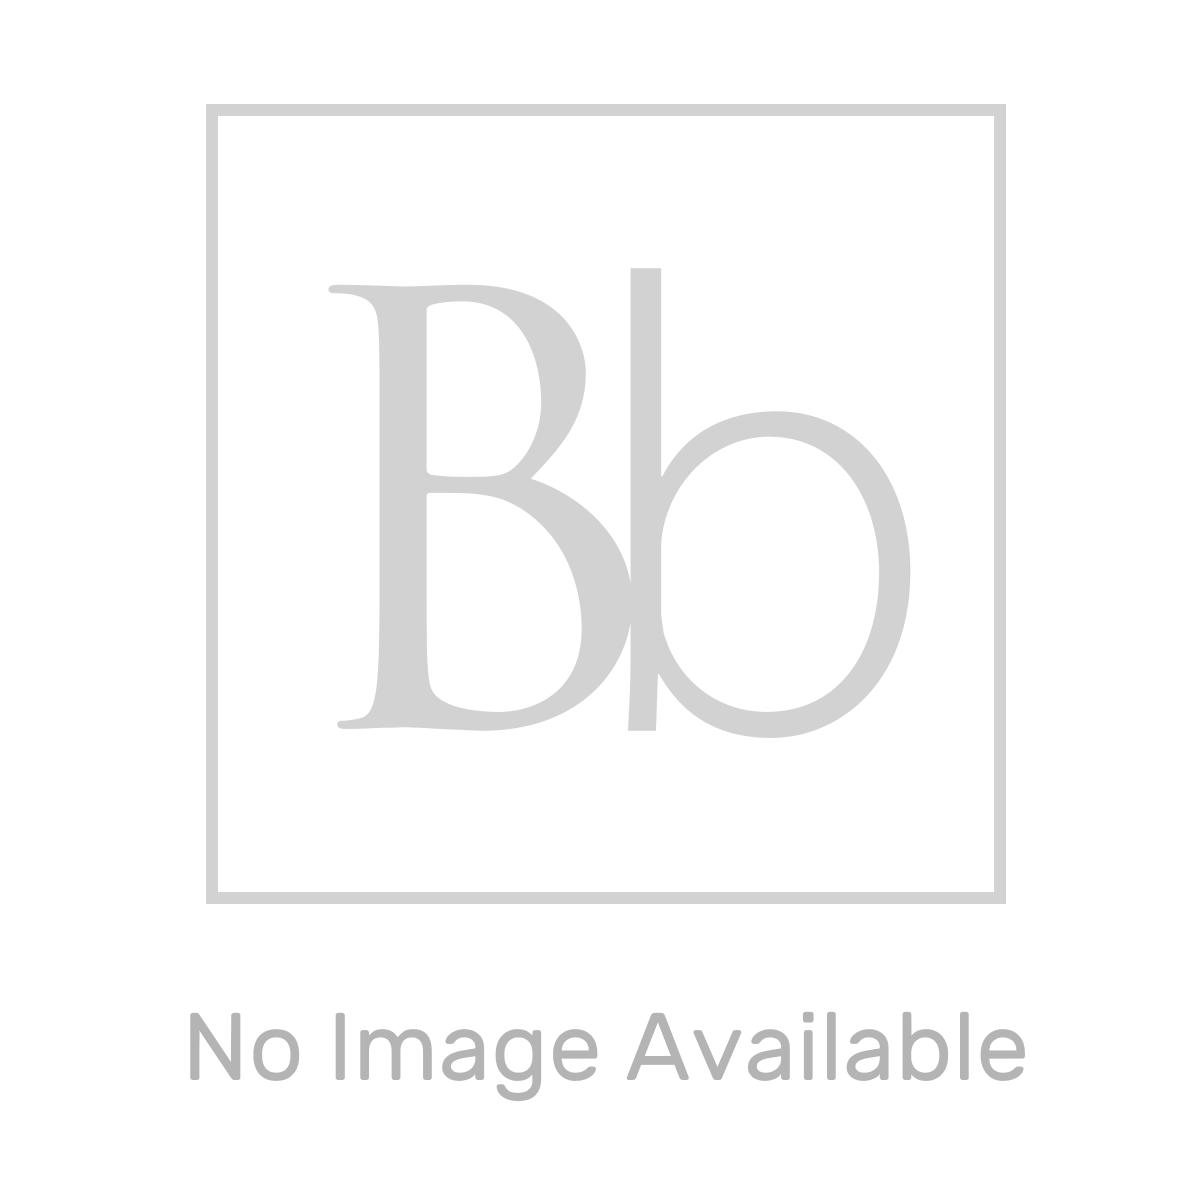 Aquadart Grey Slate Shower Tray 1200 x 700 Dimension